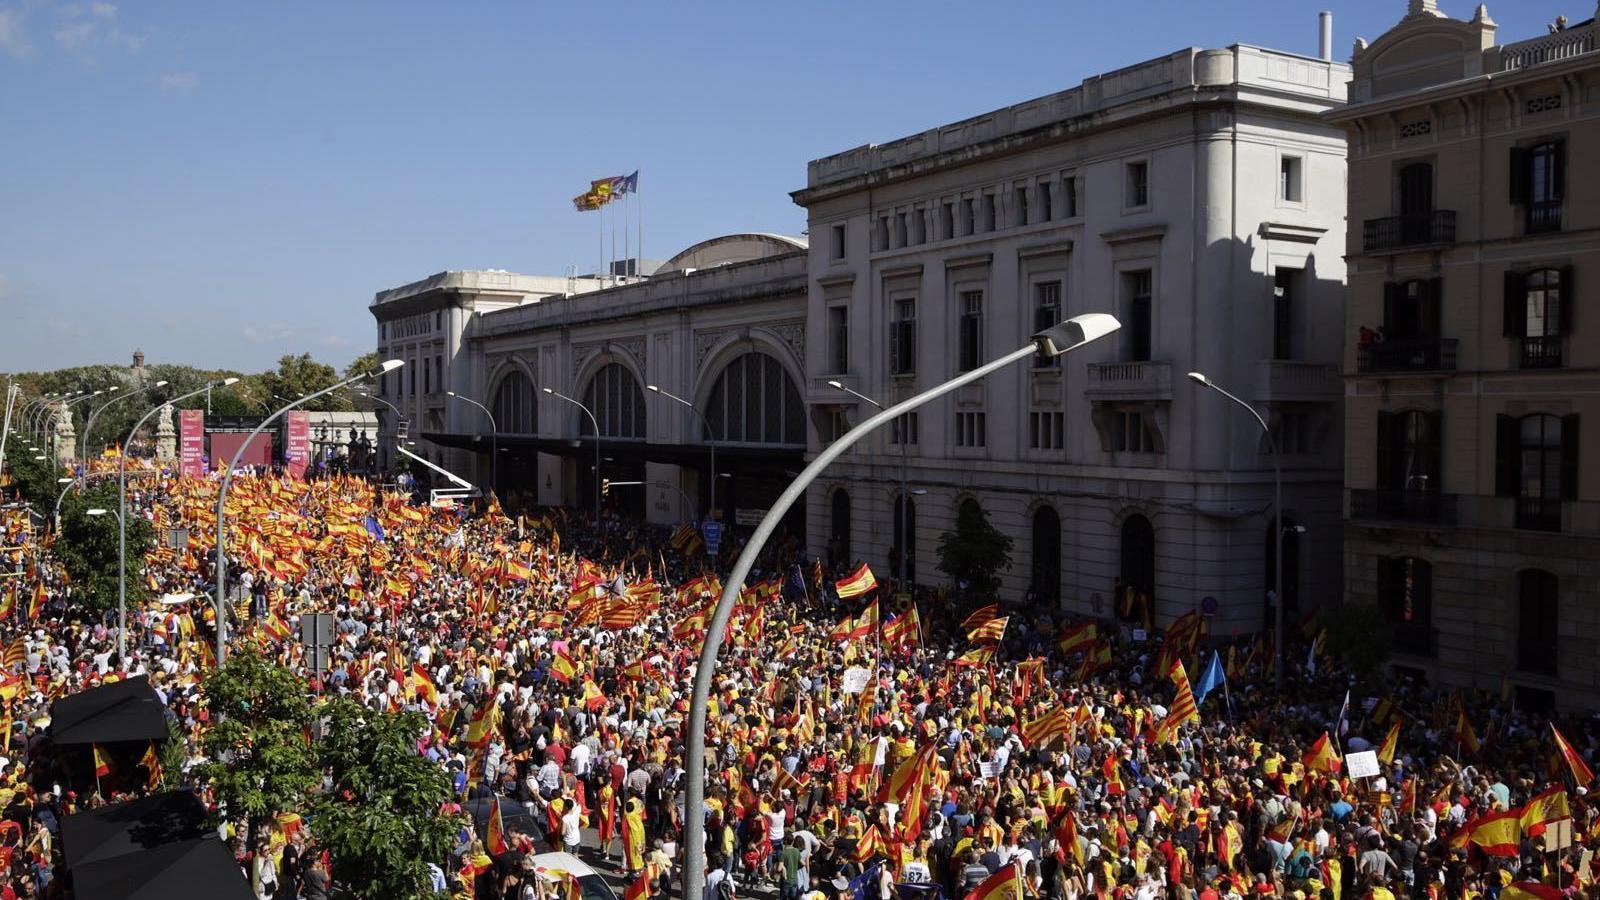 La manifestació a favor de la unitat d'Espanya omple els carrers de Barcelona